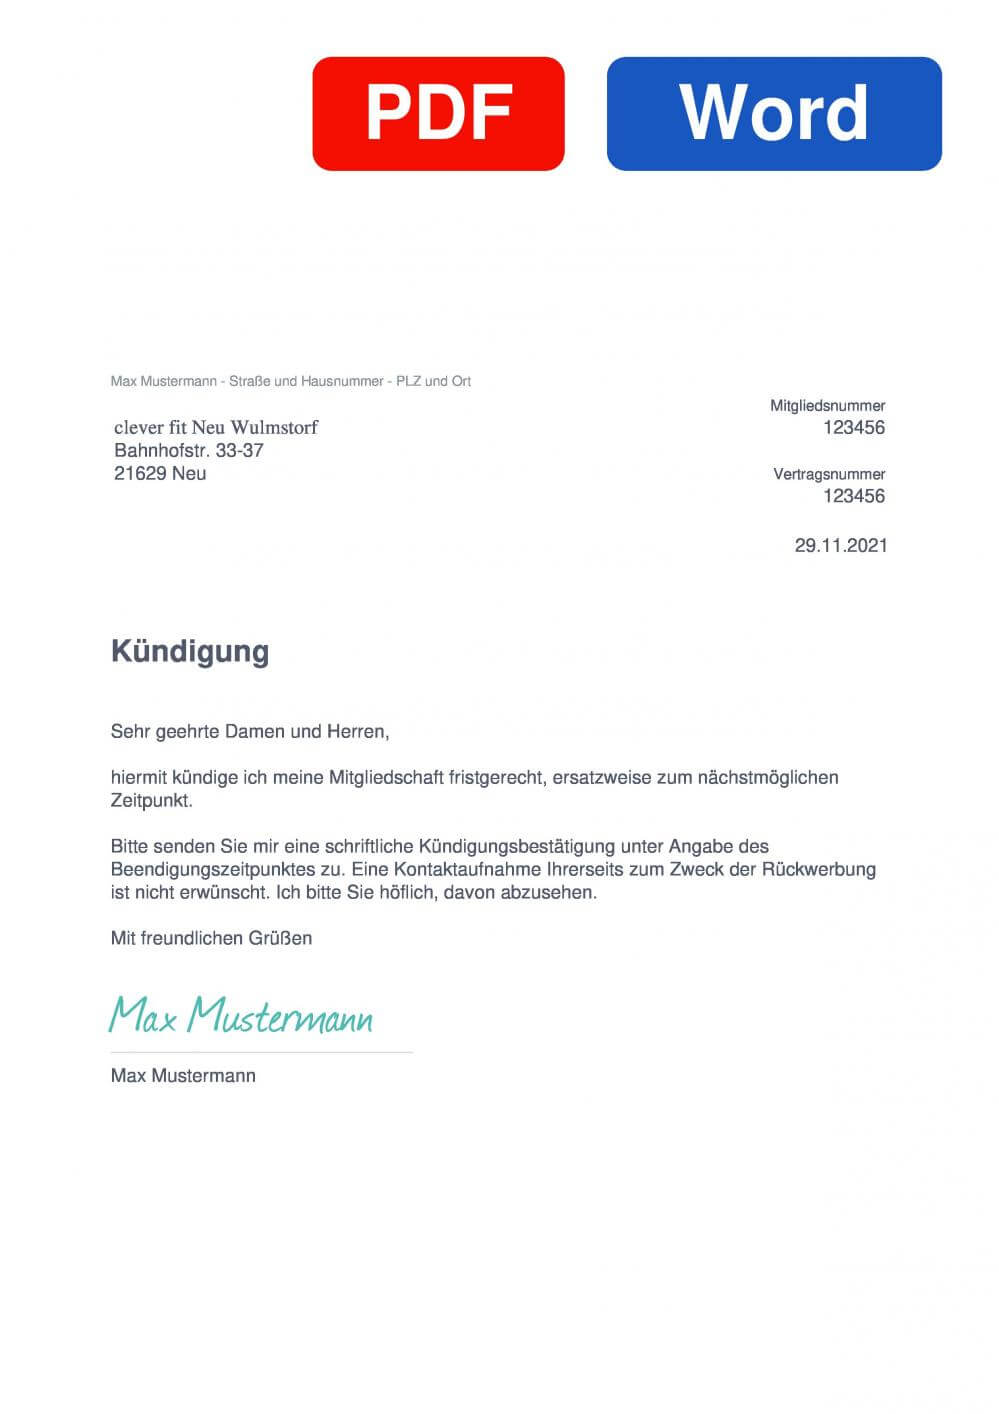 Clever Fit Neu-Wulmstorf Muster Vorlage für Kündigungsschreiben